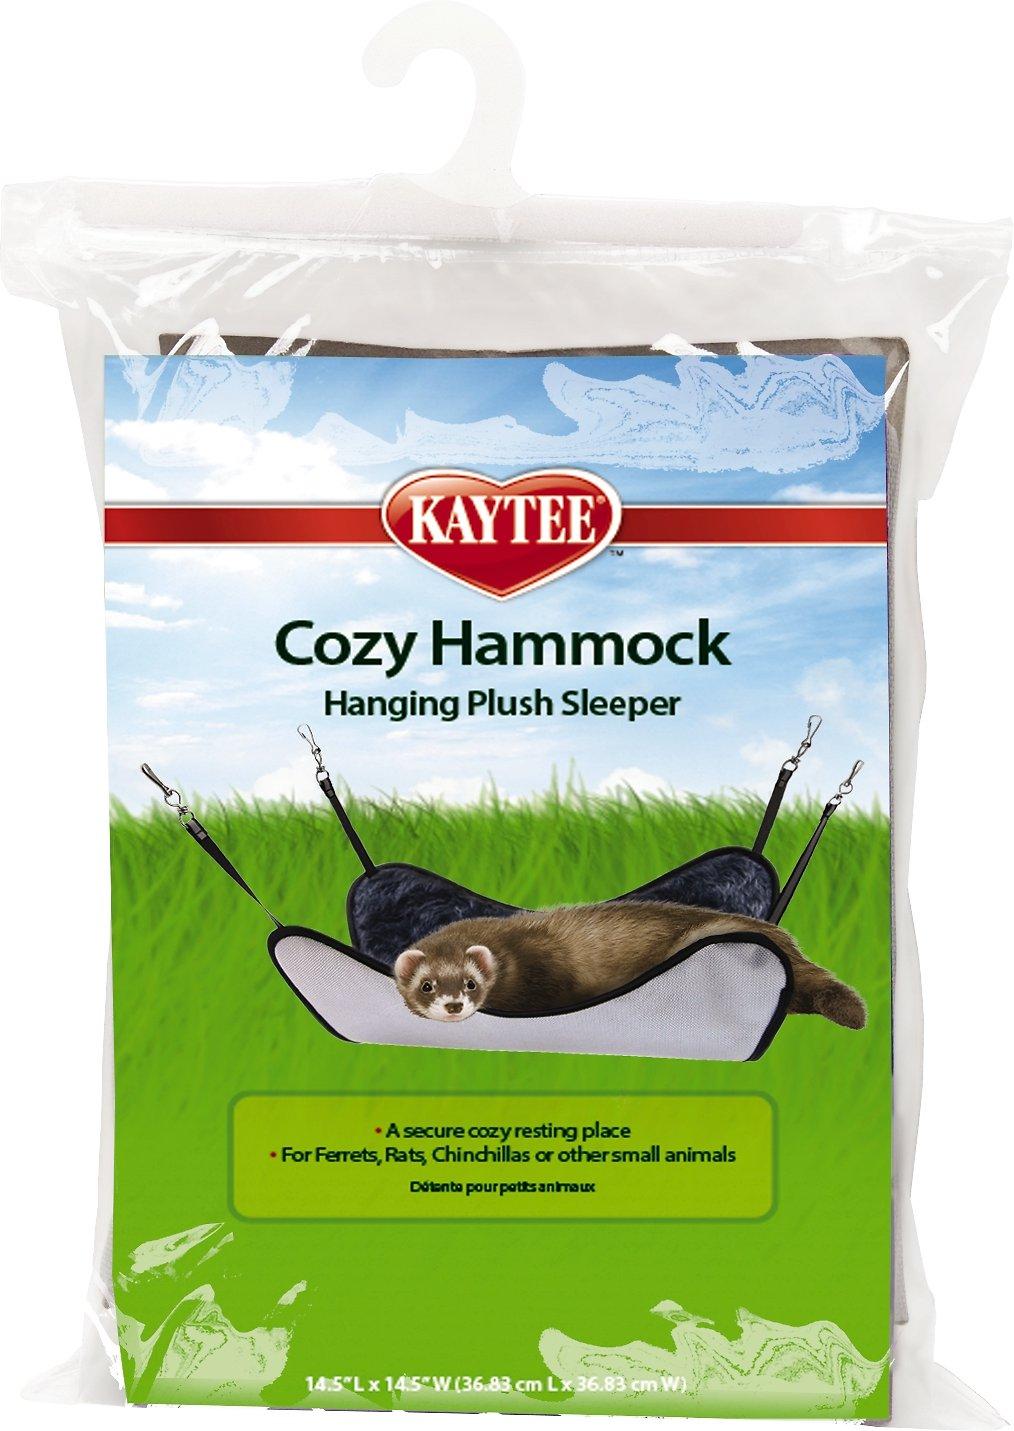 Kaytee Small Animal Plush Sleeper Hammock, 14.5-in